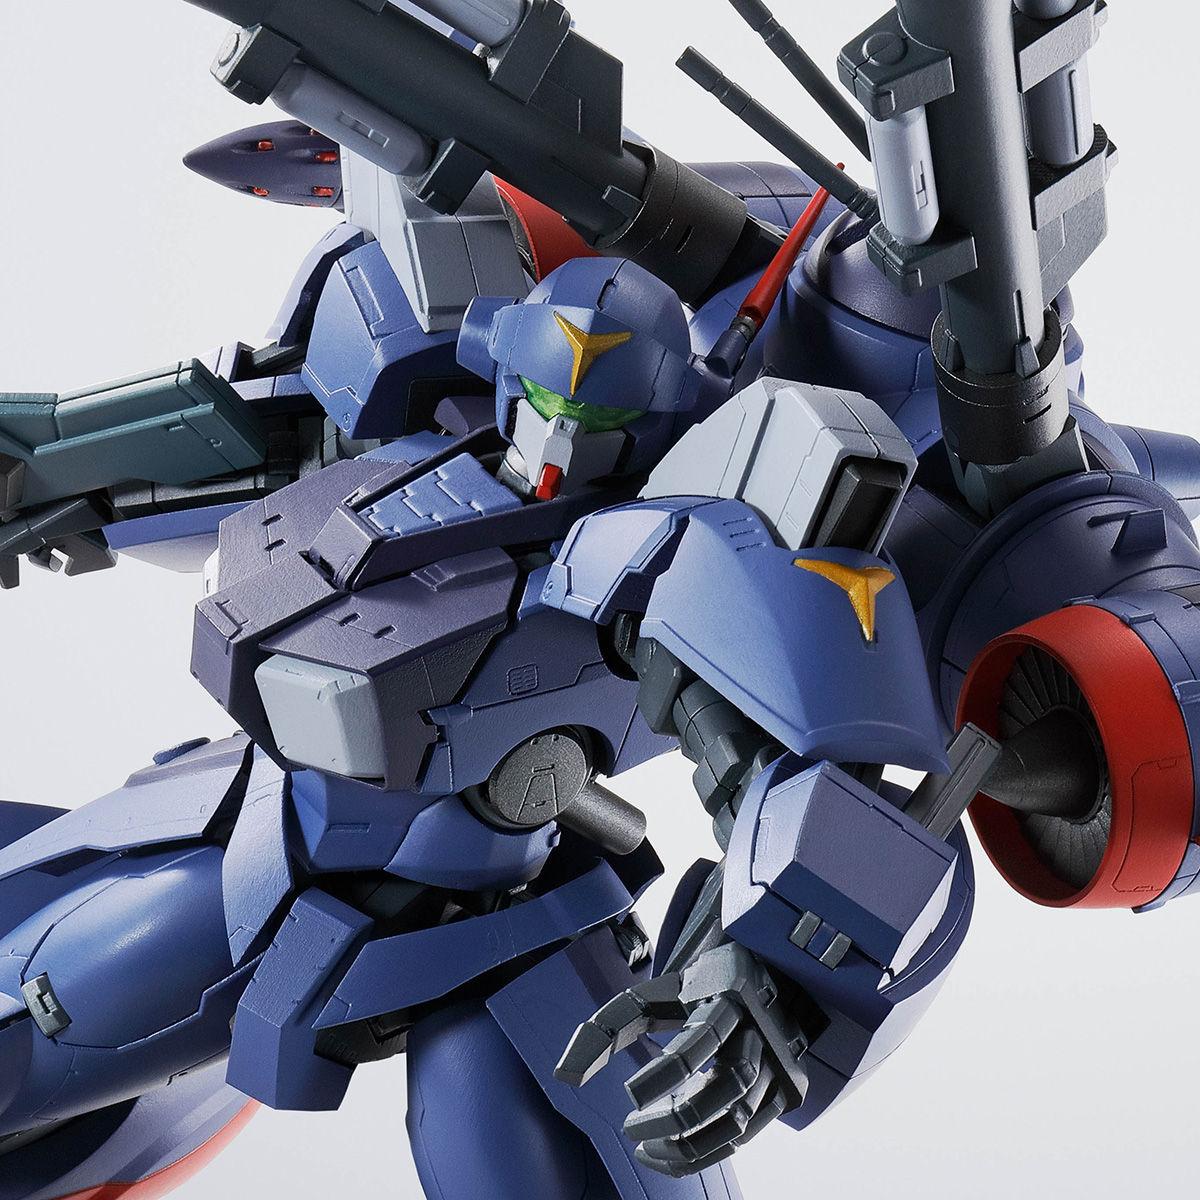 【限定販売】HI-METAL R『ドラグナー2カスタム』機甲戦記ドラグナー 可動フィギュア-001